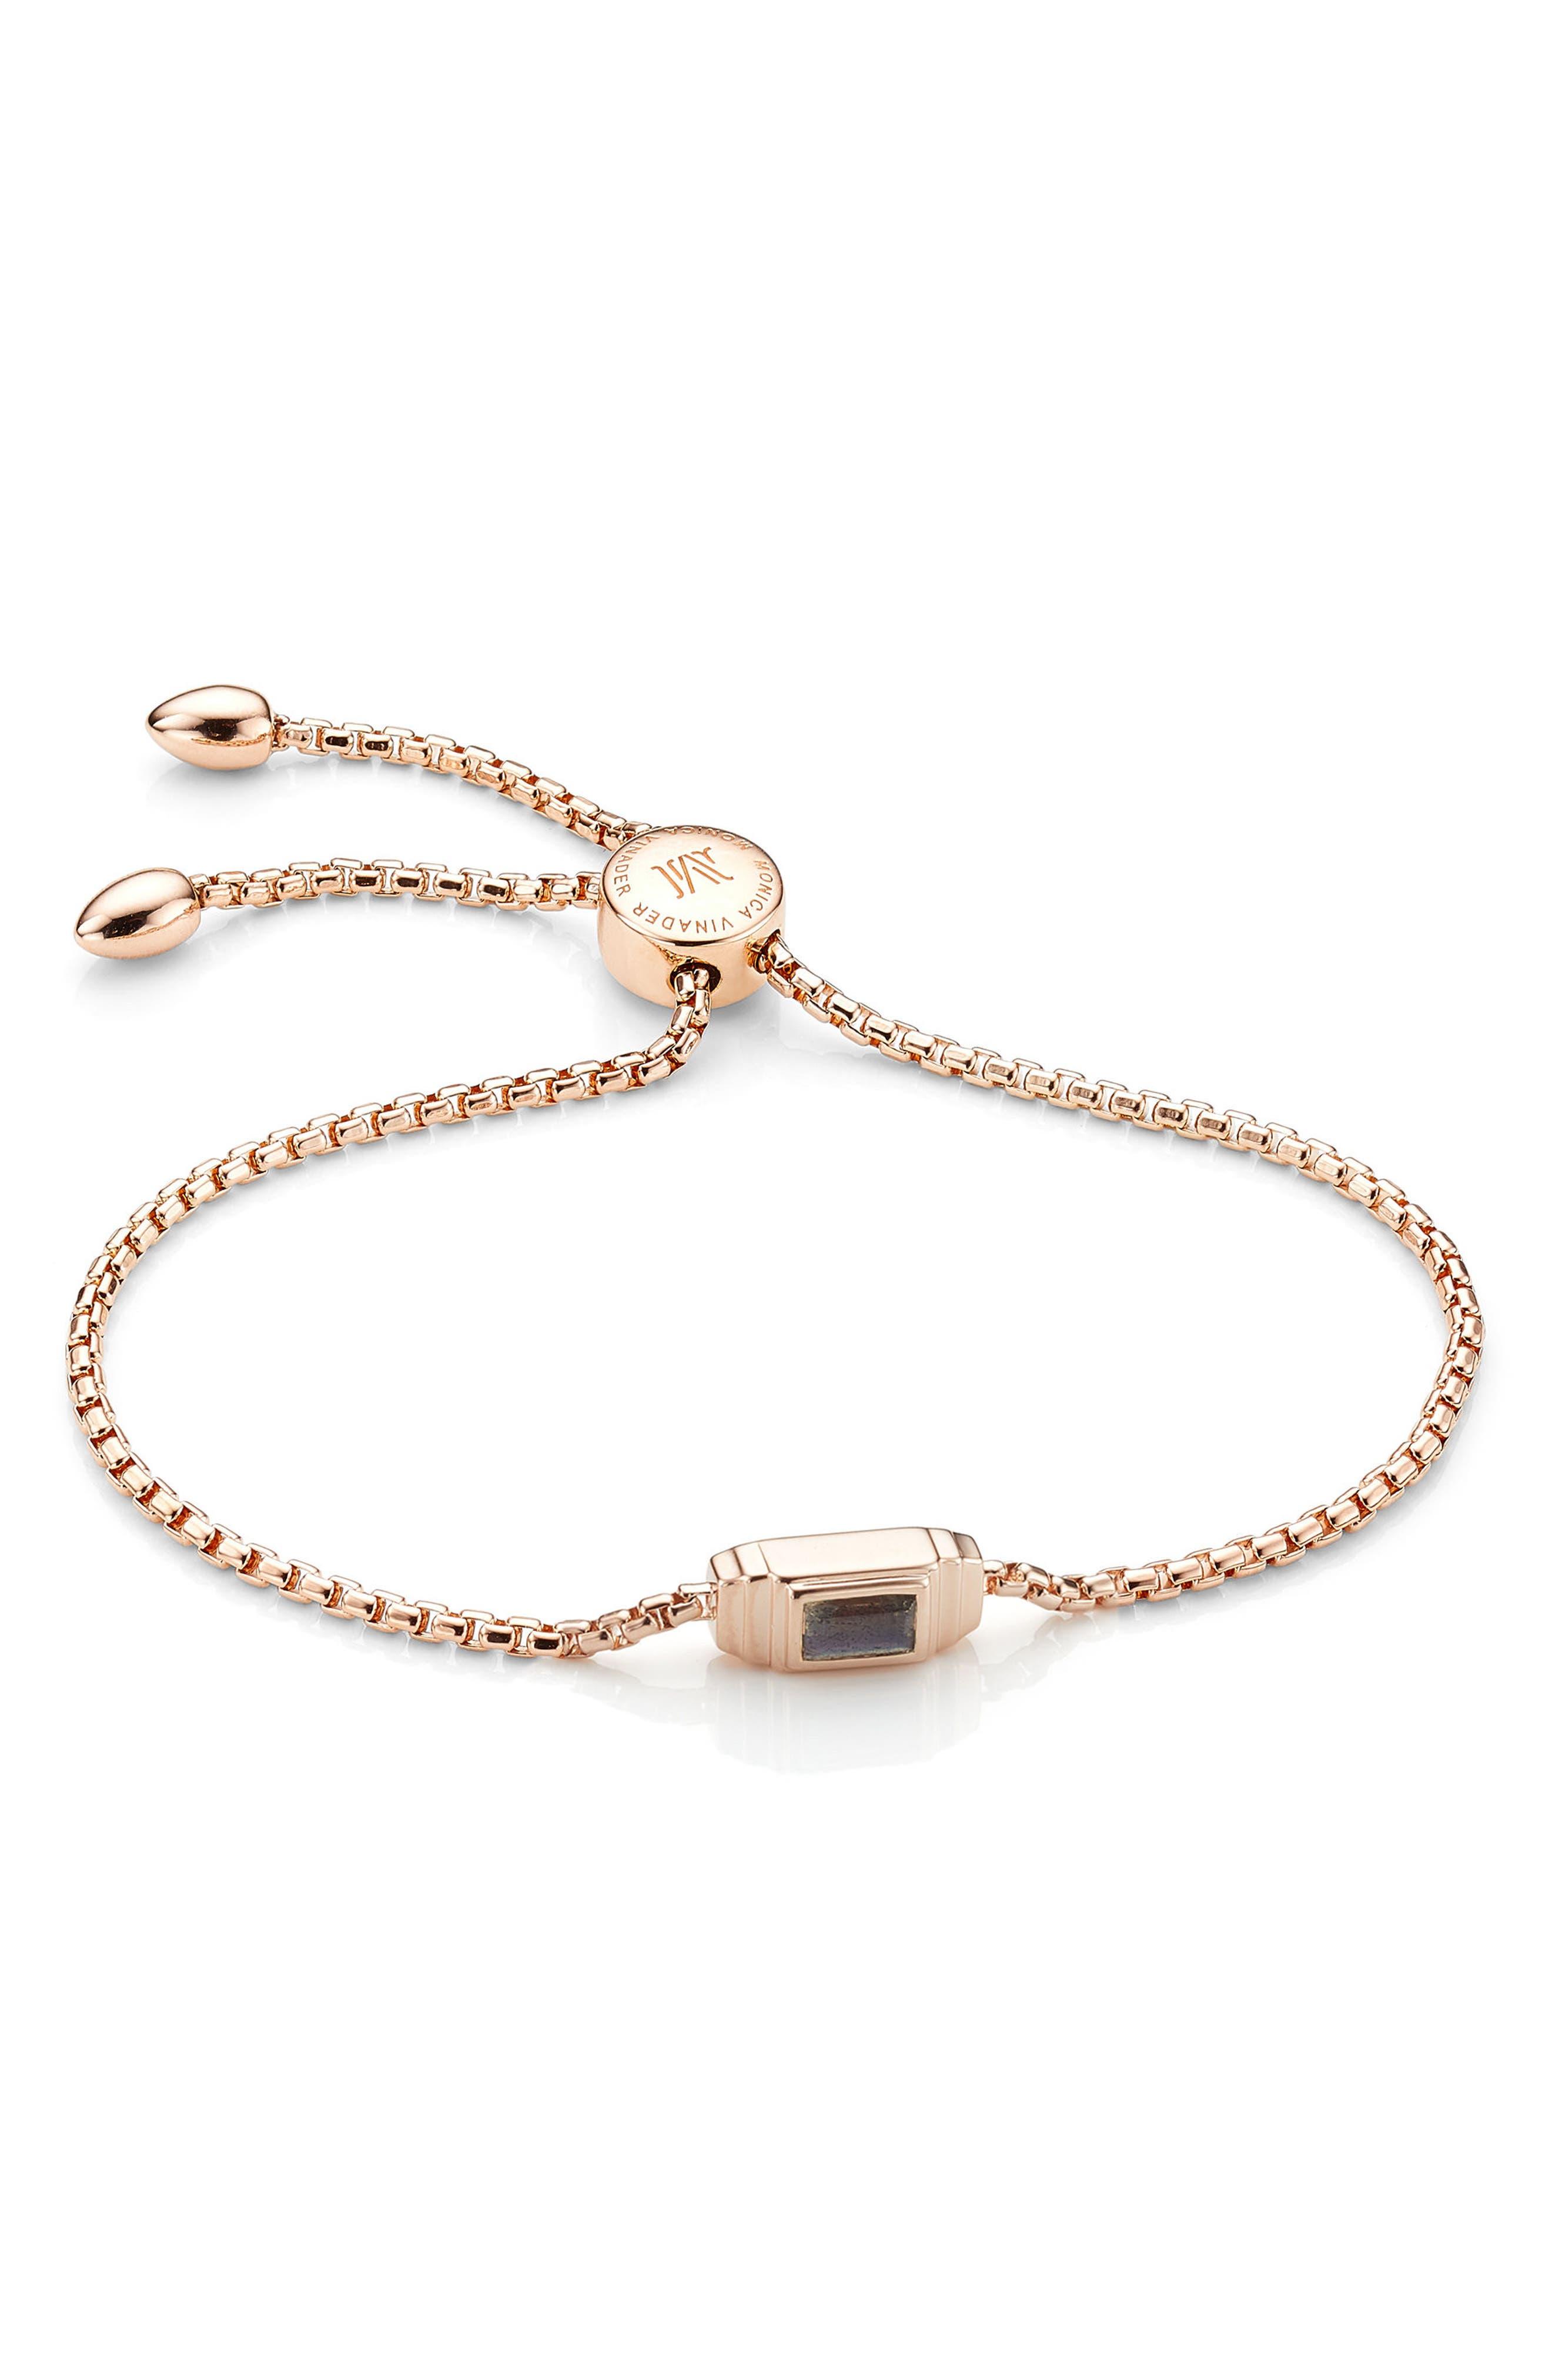 Baja Deco Stone Bracelet,                             Main thumbnail 1, color,                             Rose Gold/ Labradorite